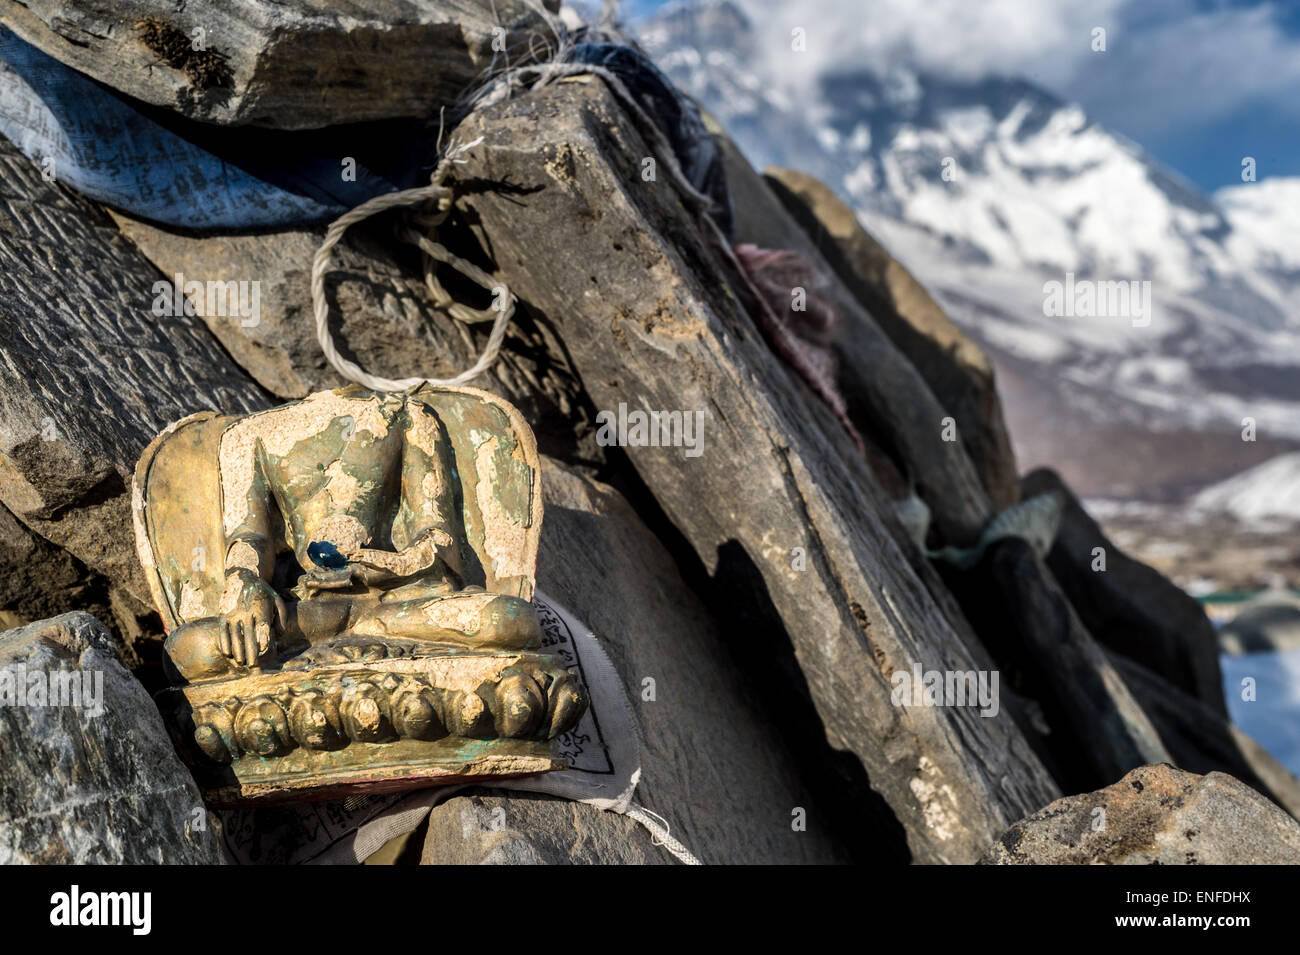 Headless Buddha figurine dans la région de l'Everest, au Népal Photo Stock